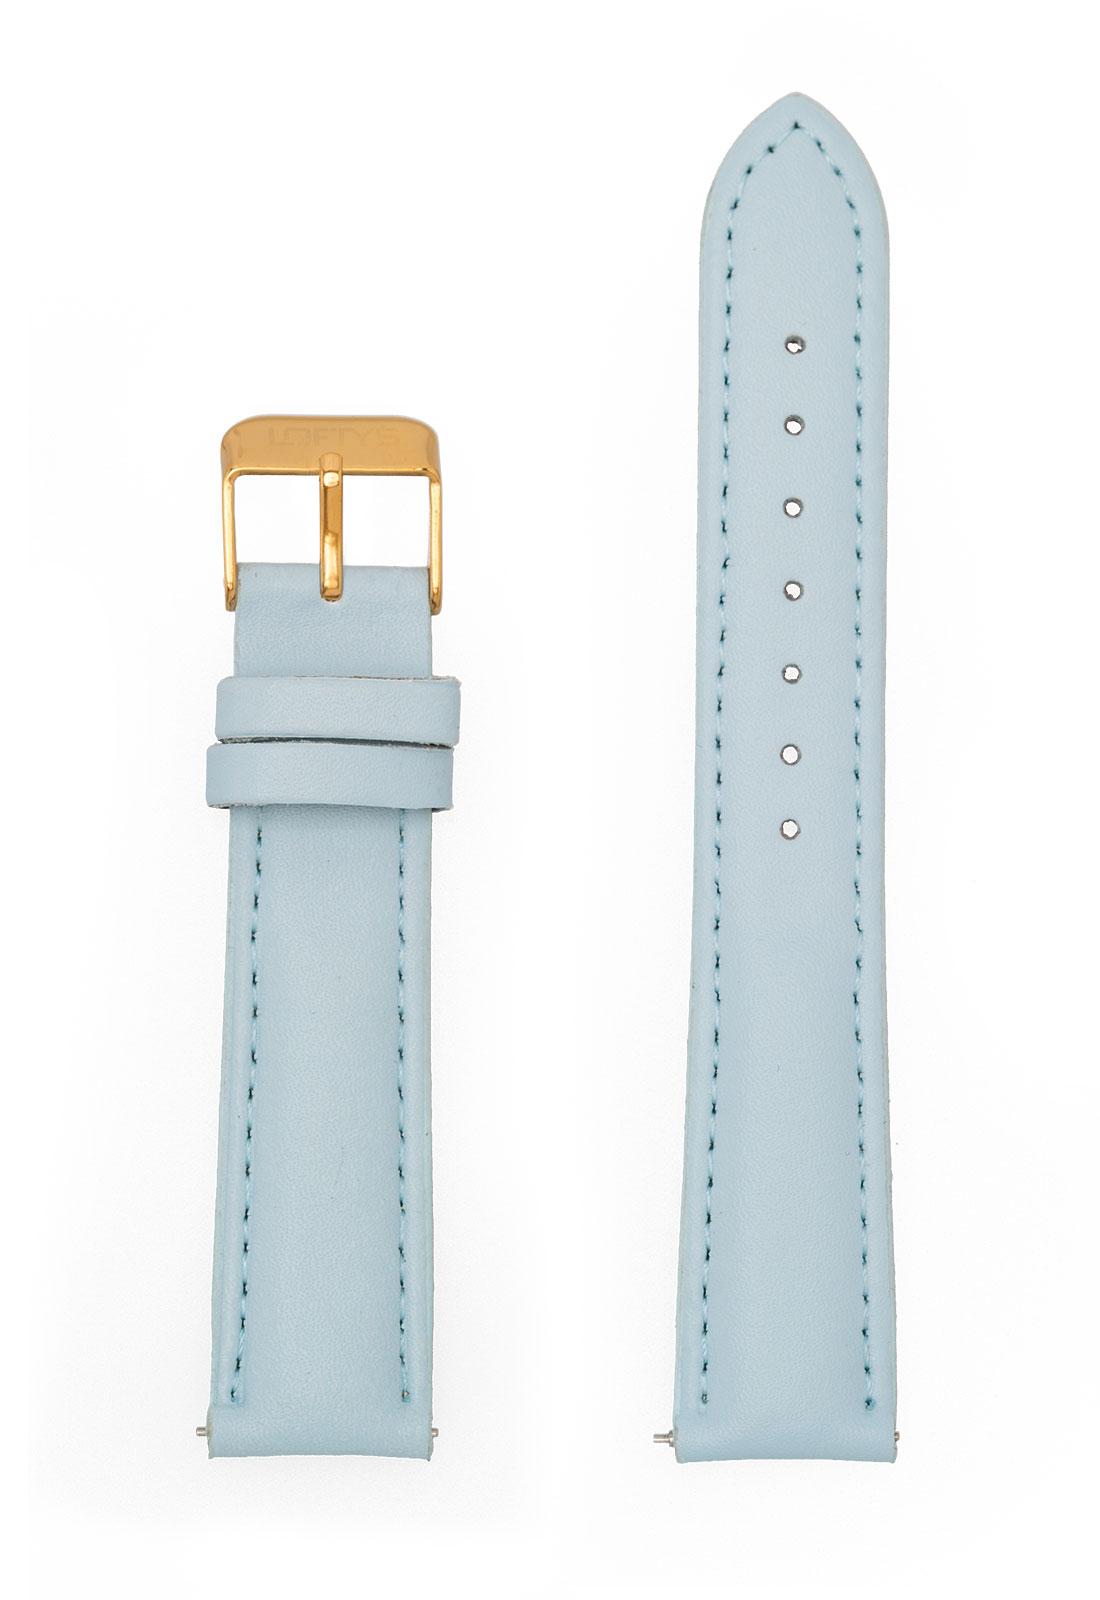 Σιέλ Δερμάτινο Λουράκι Ρολογιού 18mm με Αγκράφα